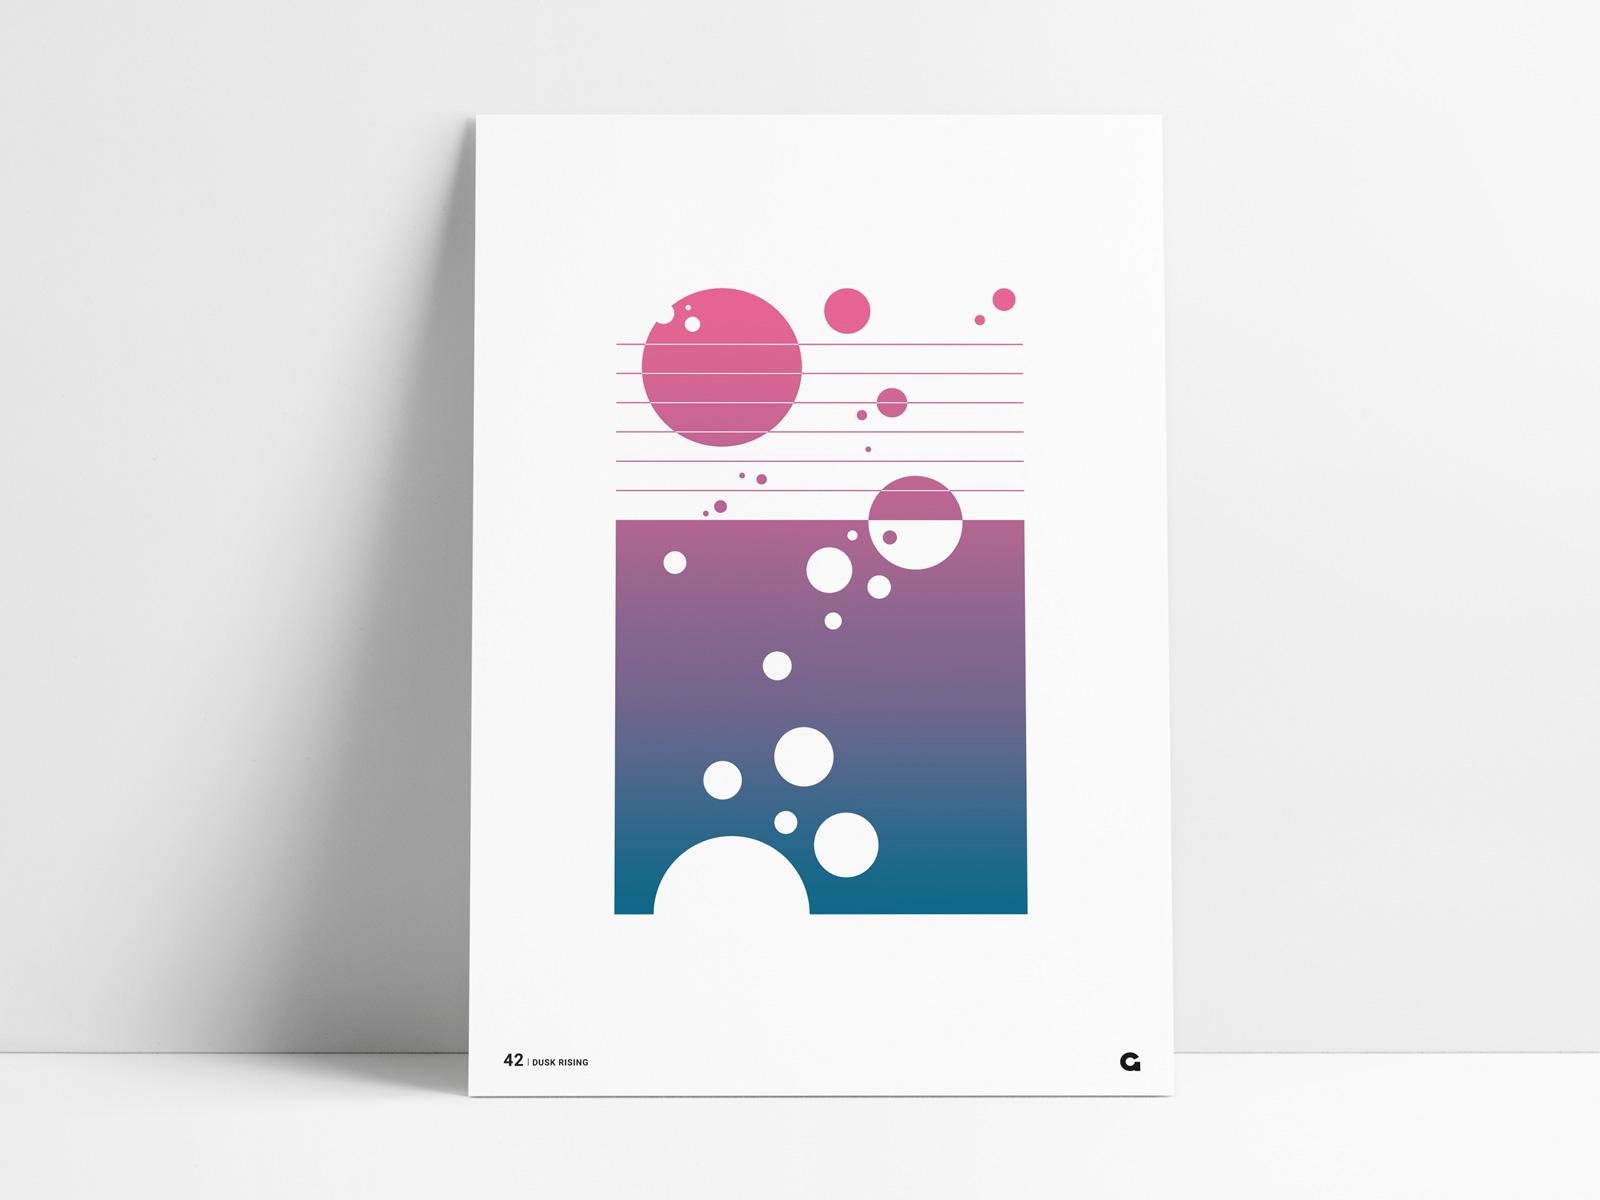 geometric-poster-dusk-rising.jpg